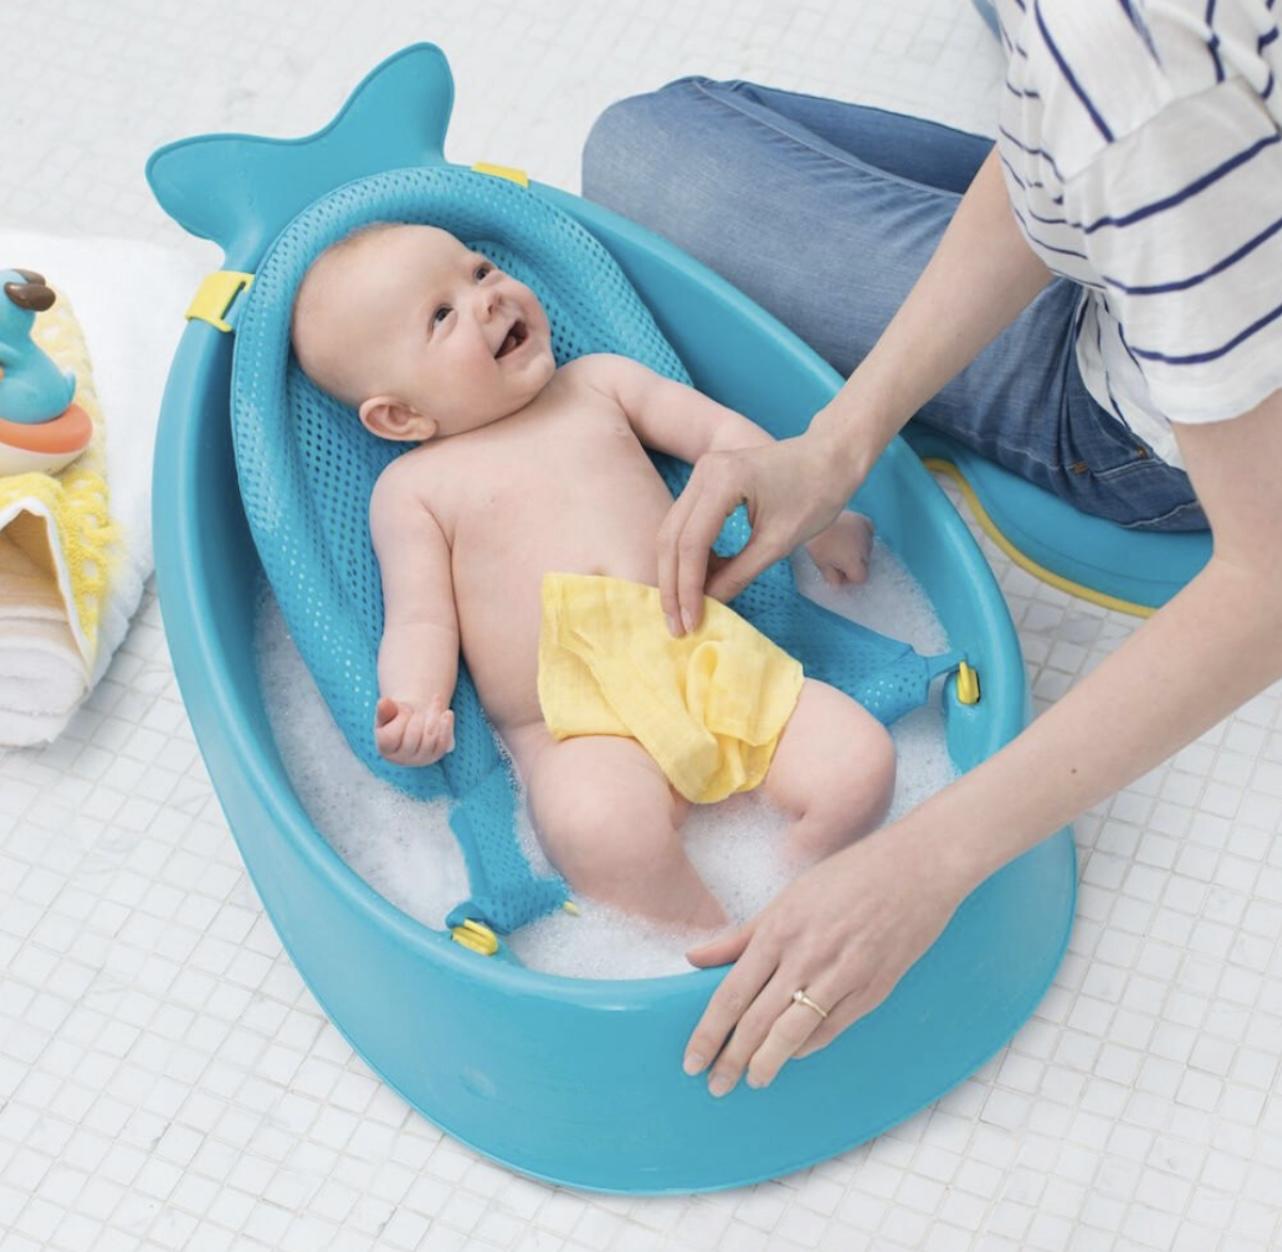 Baby bathtub